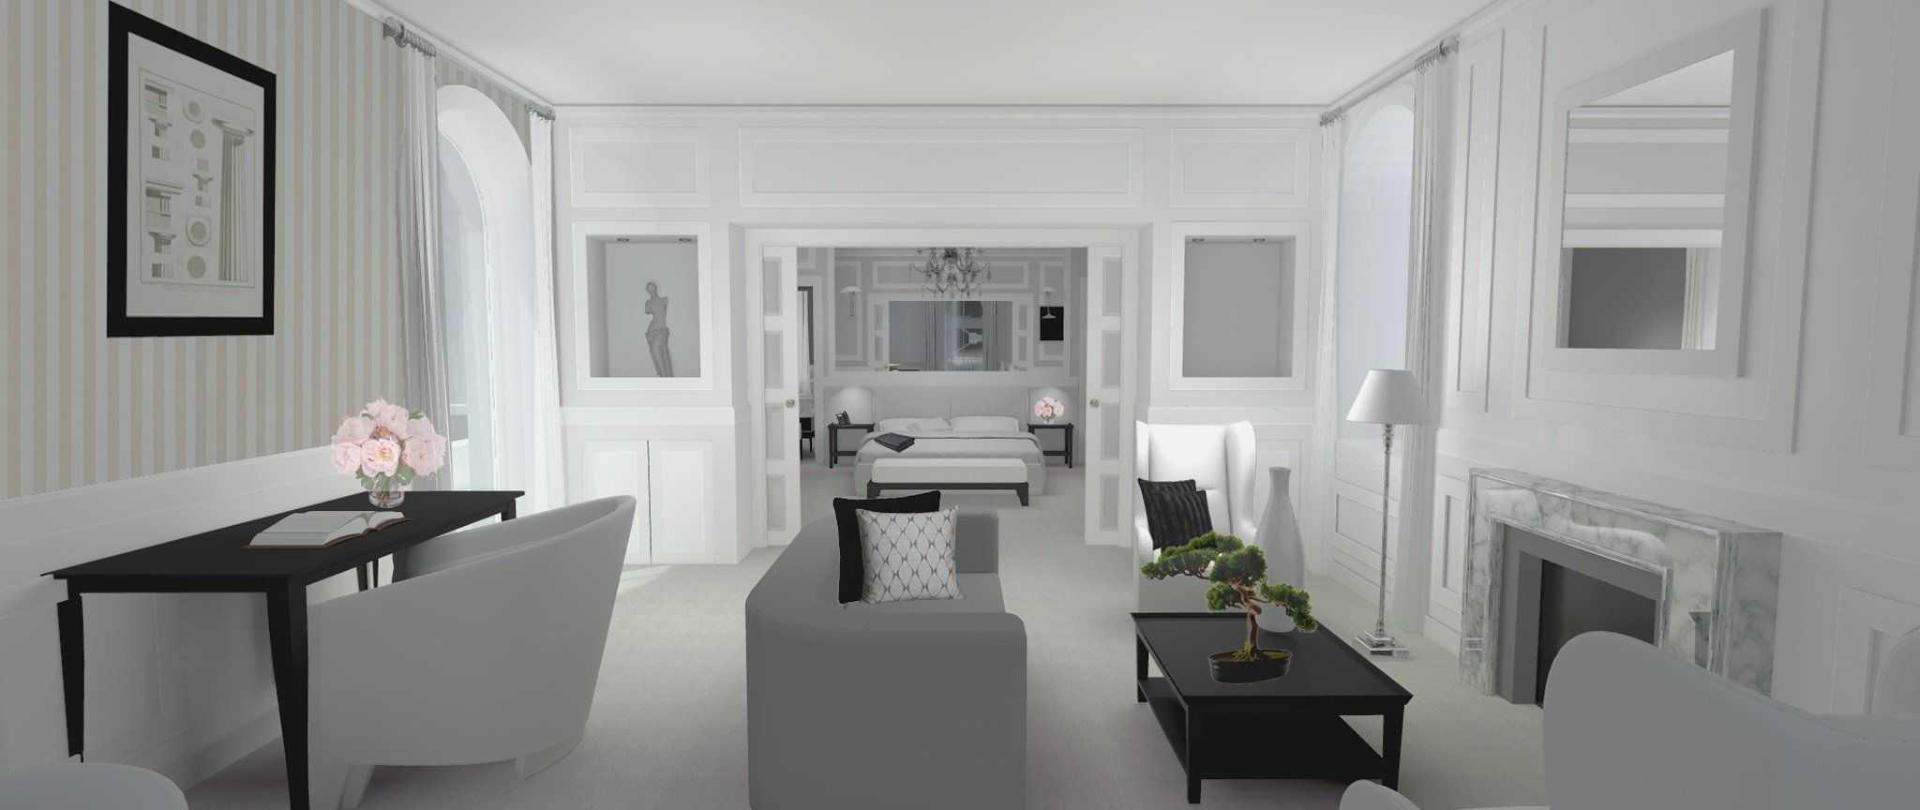 suite-marialuisa2.jpg